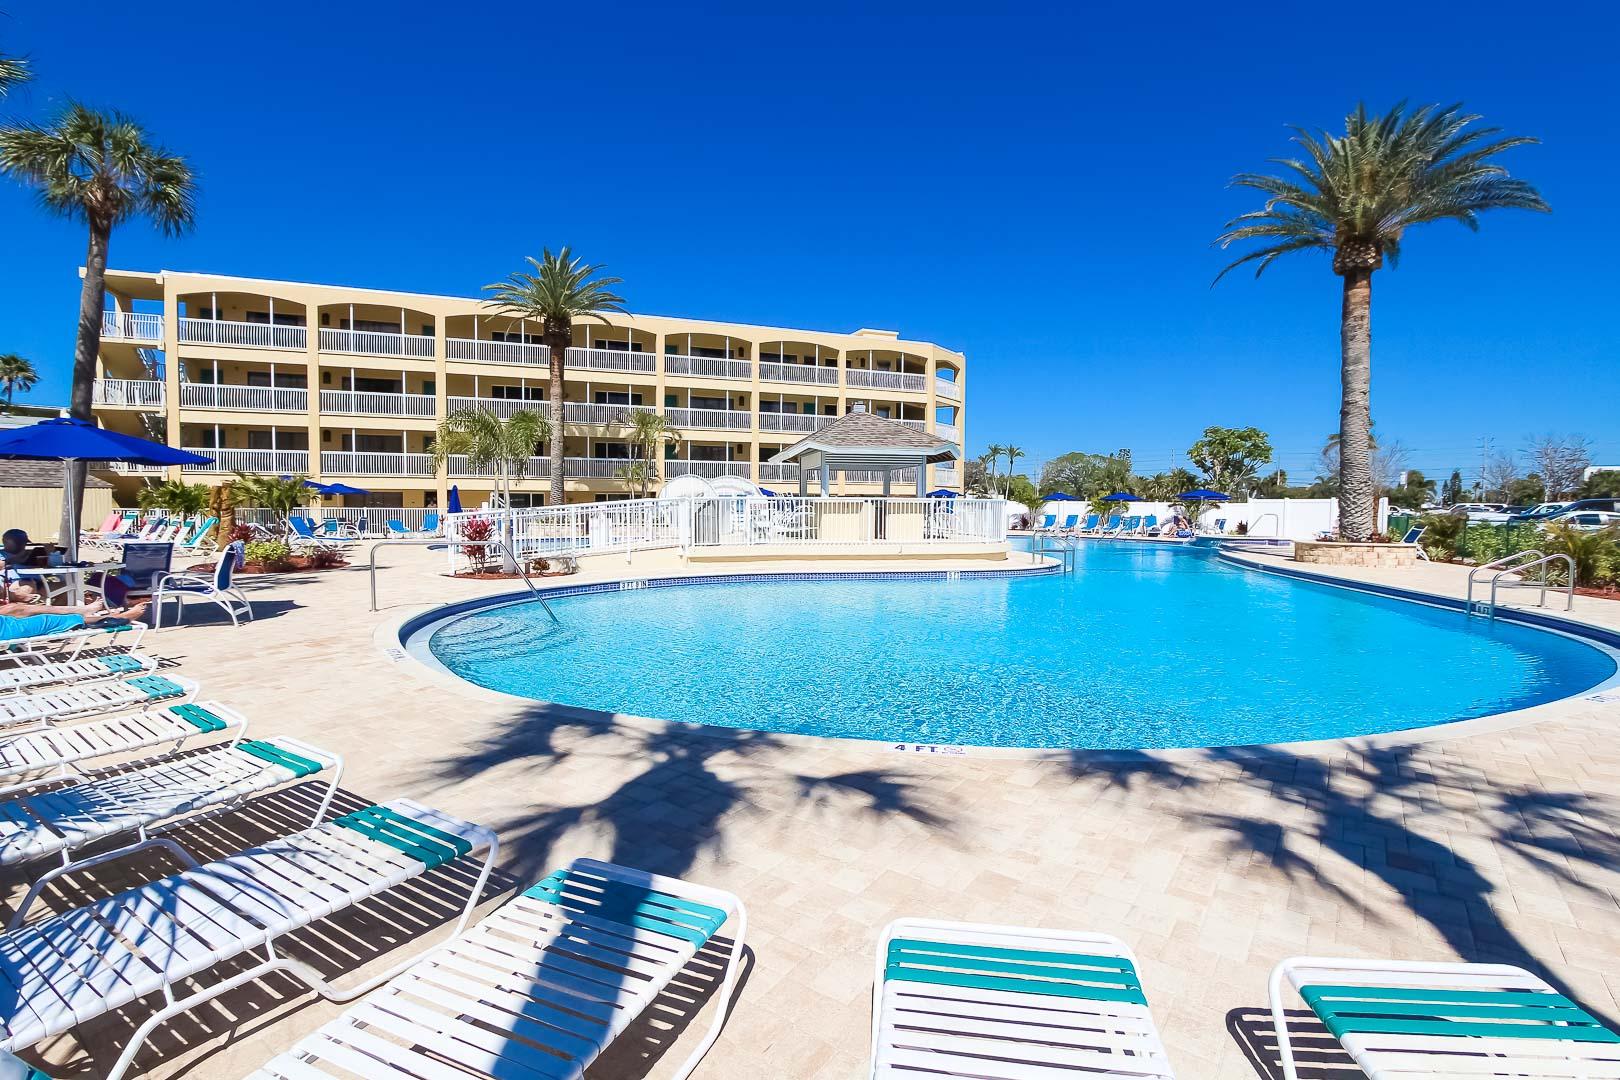 Coral-Reef-Beach-Resort-13